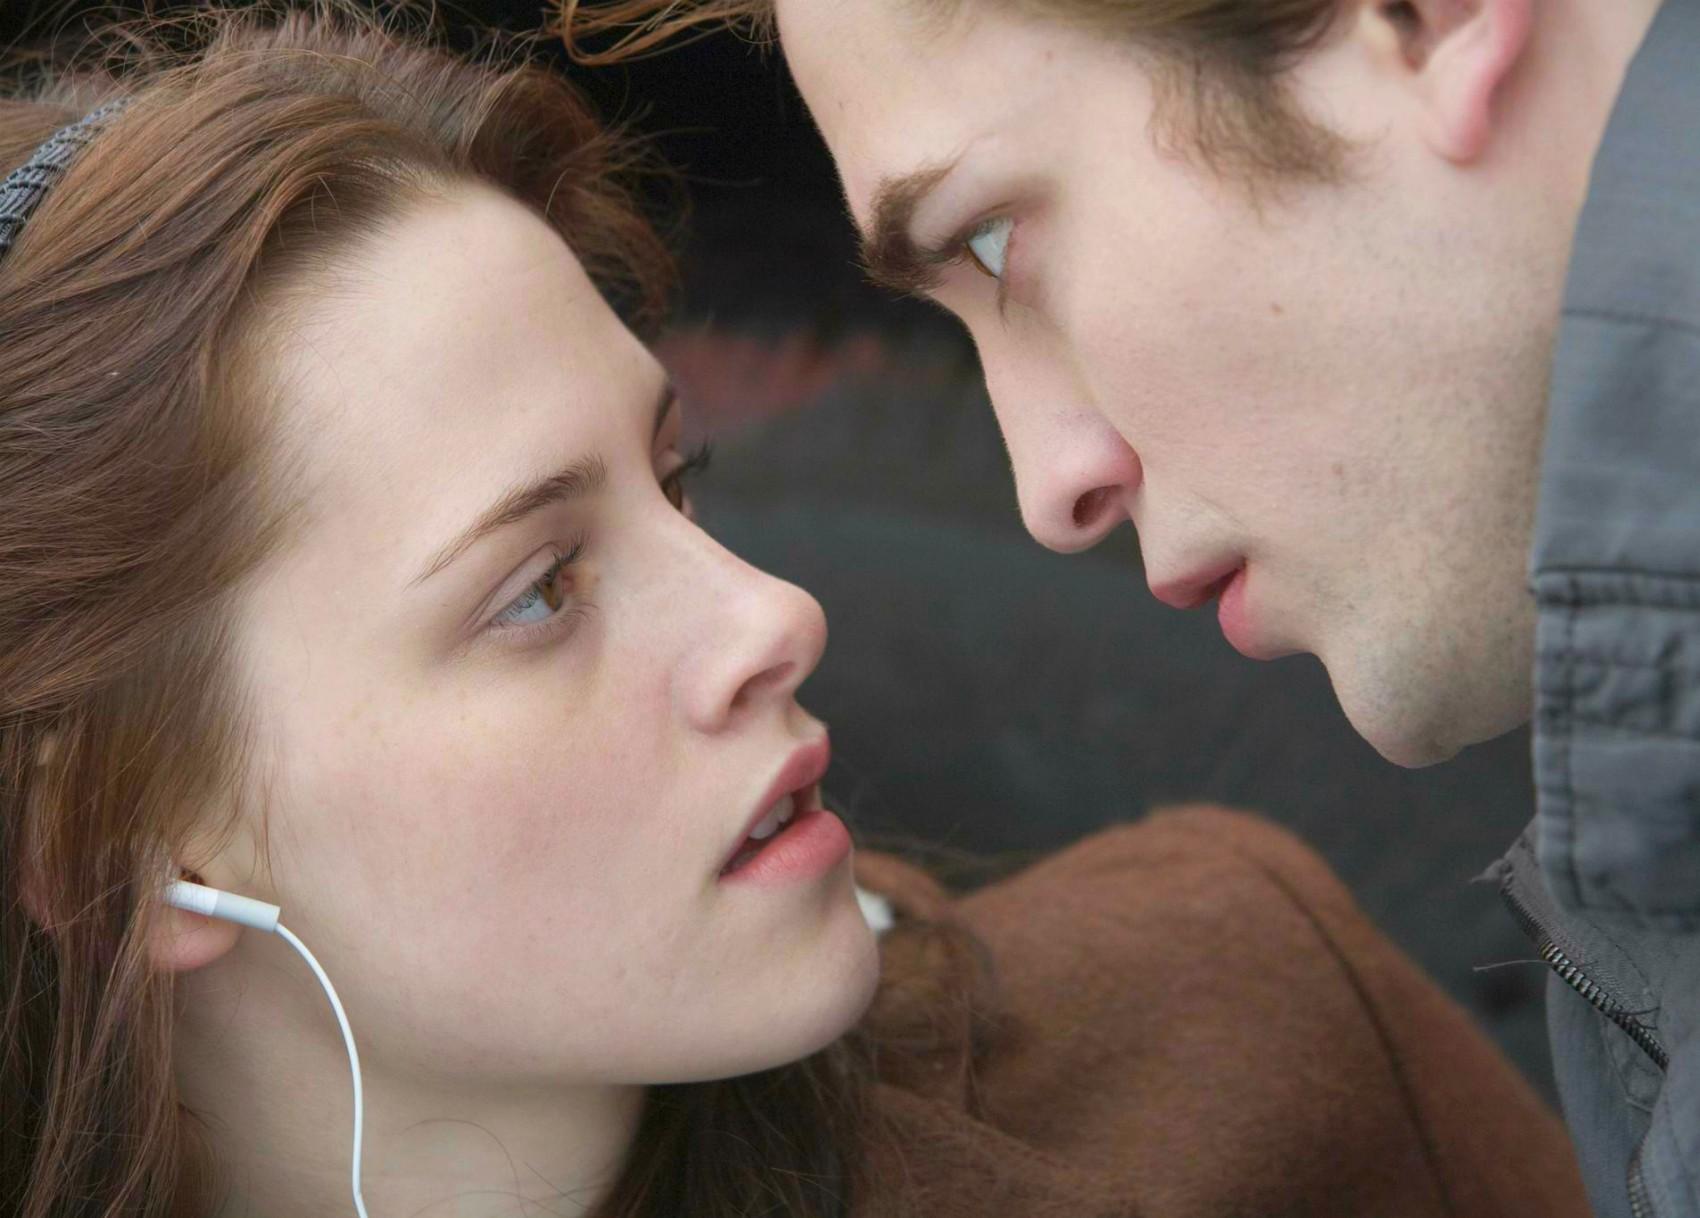 Ah... Como esquecê-los? Kristen Stewart e Robert Pattinson, o casal que amoleceu corações de milhões de fãs após levar a paixão da saga 'Crepúsculo', iniciada nos cinemas em 2008, para a vida real. Tudo terminou, porém, em 2013. Robert diz que a amizade continua. (Foto: Getty Images)